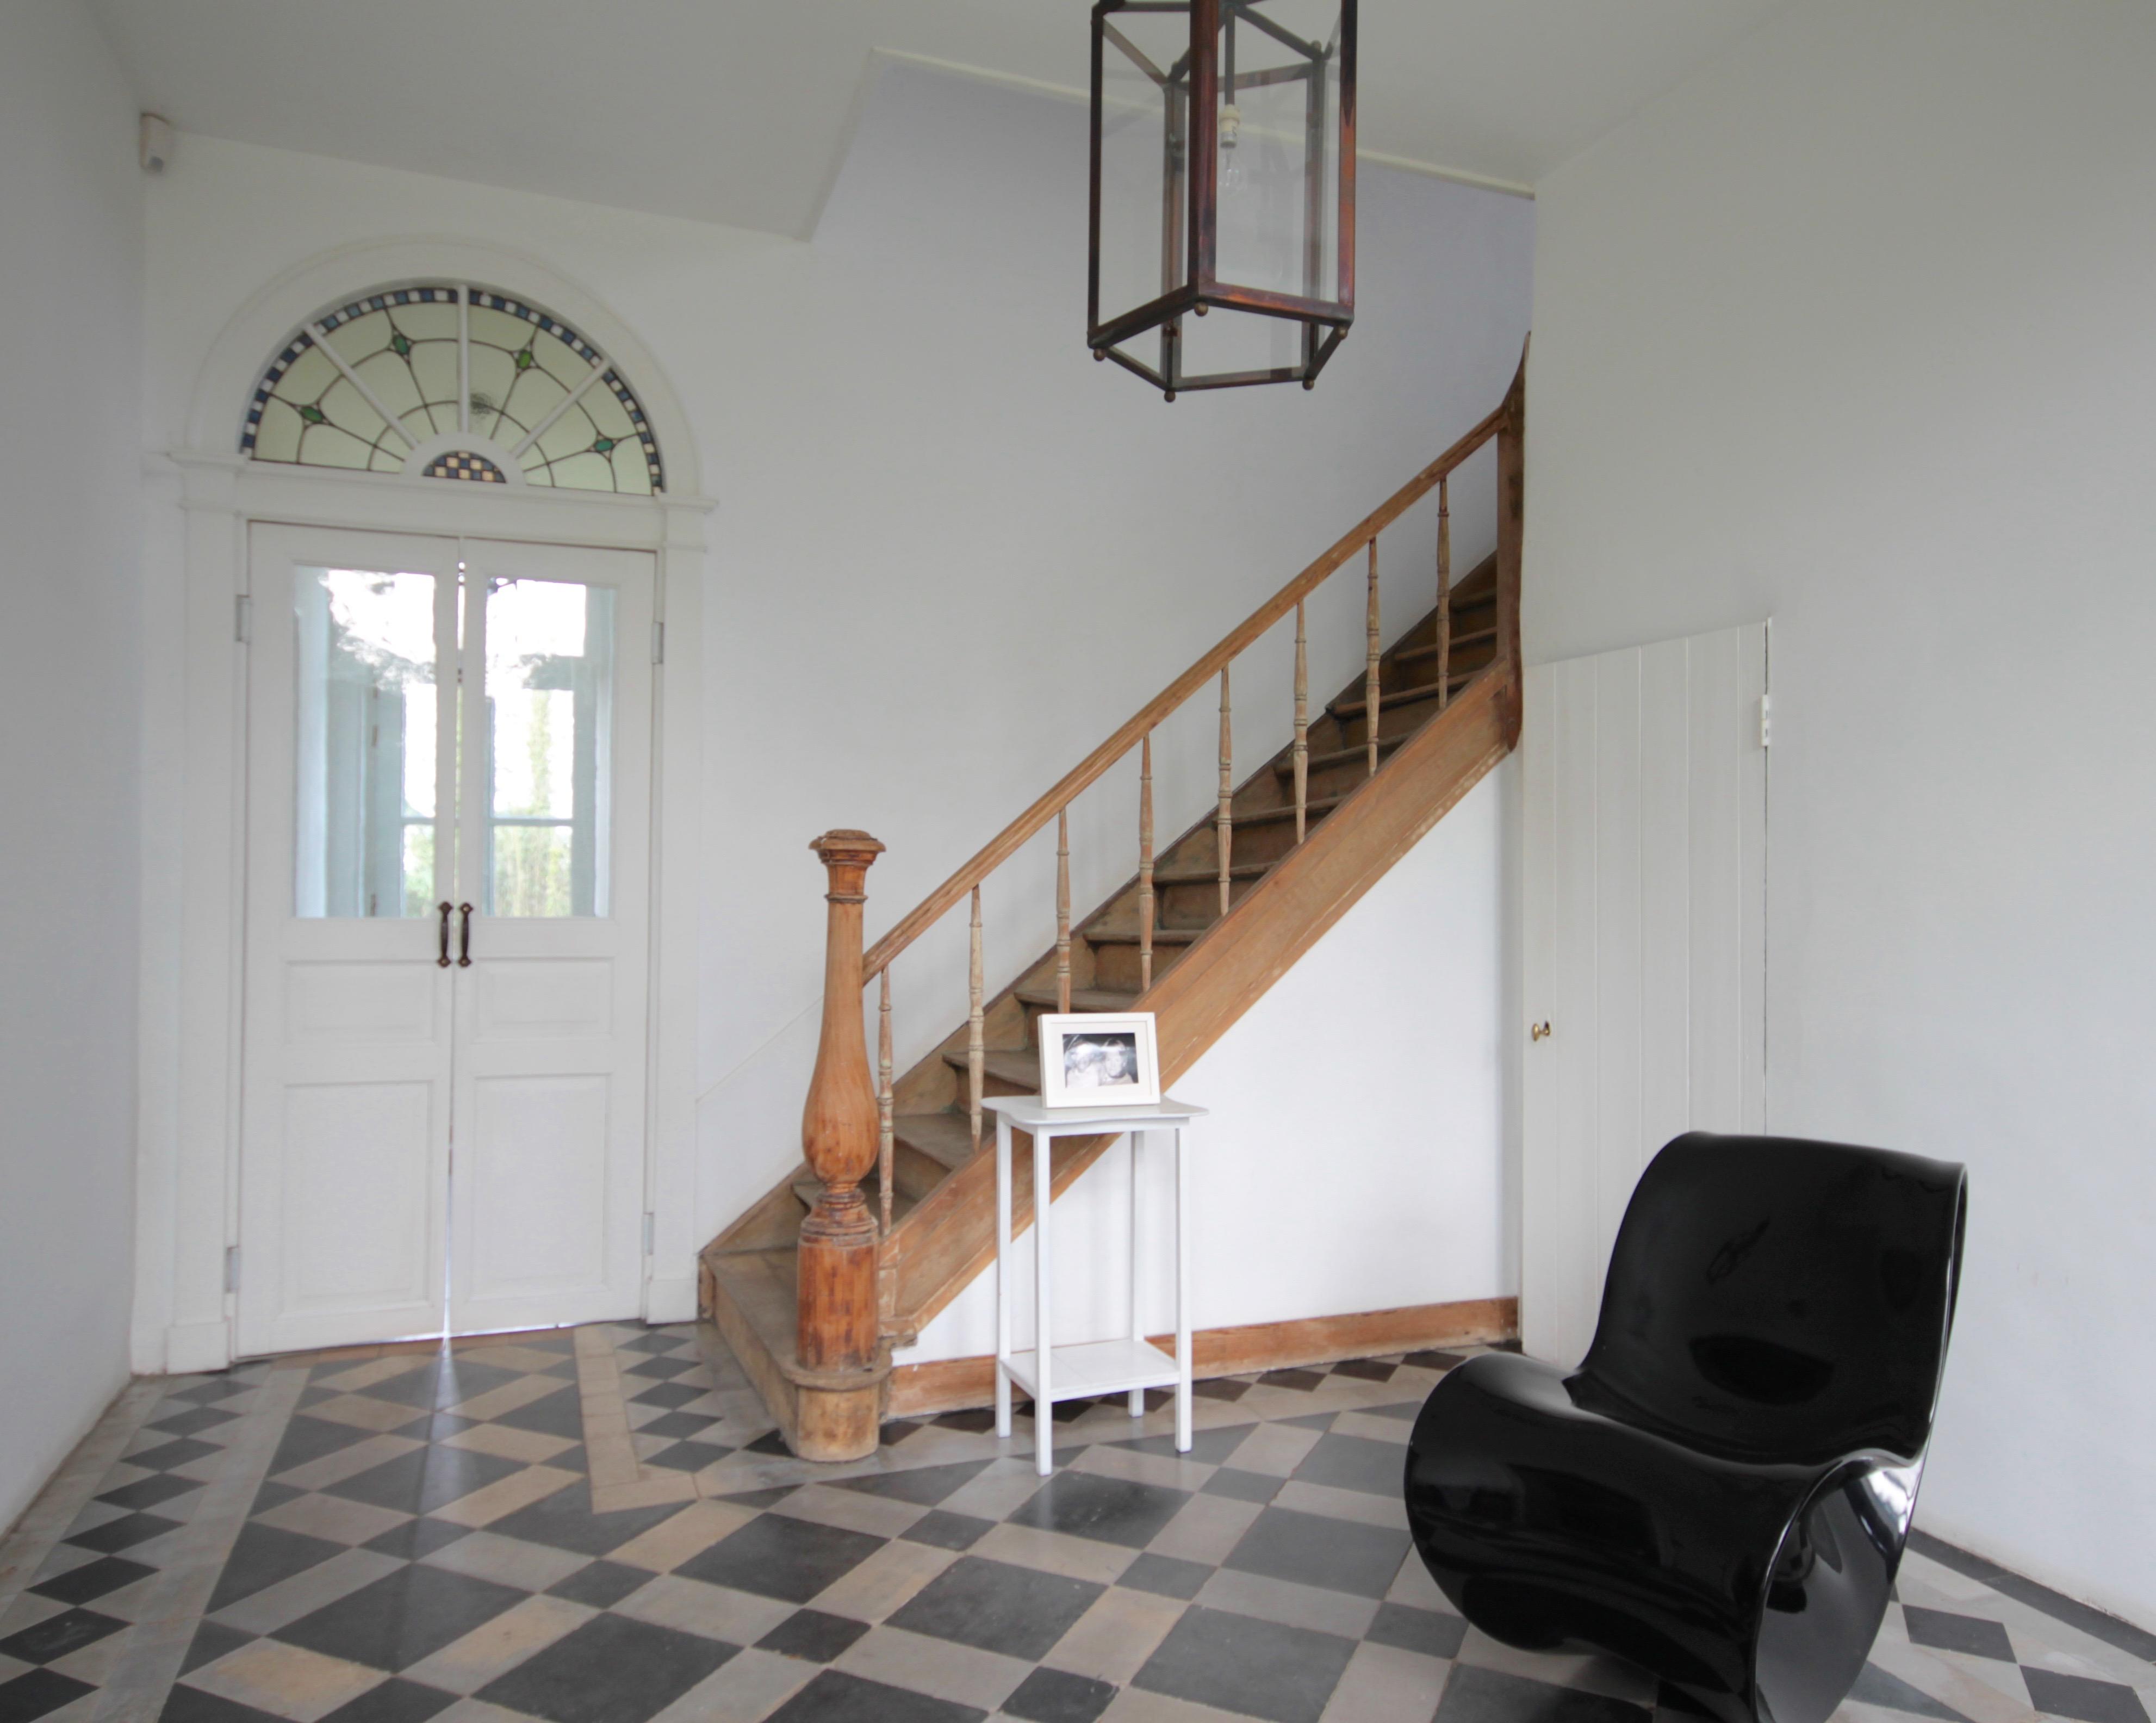 binnenhuisarchitect ontwerpt herenhuis